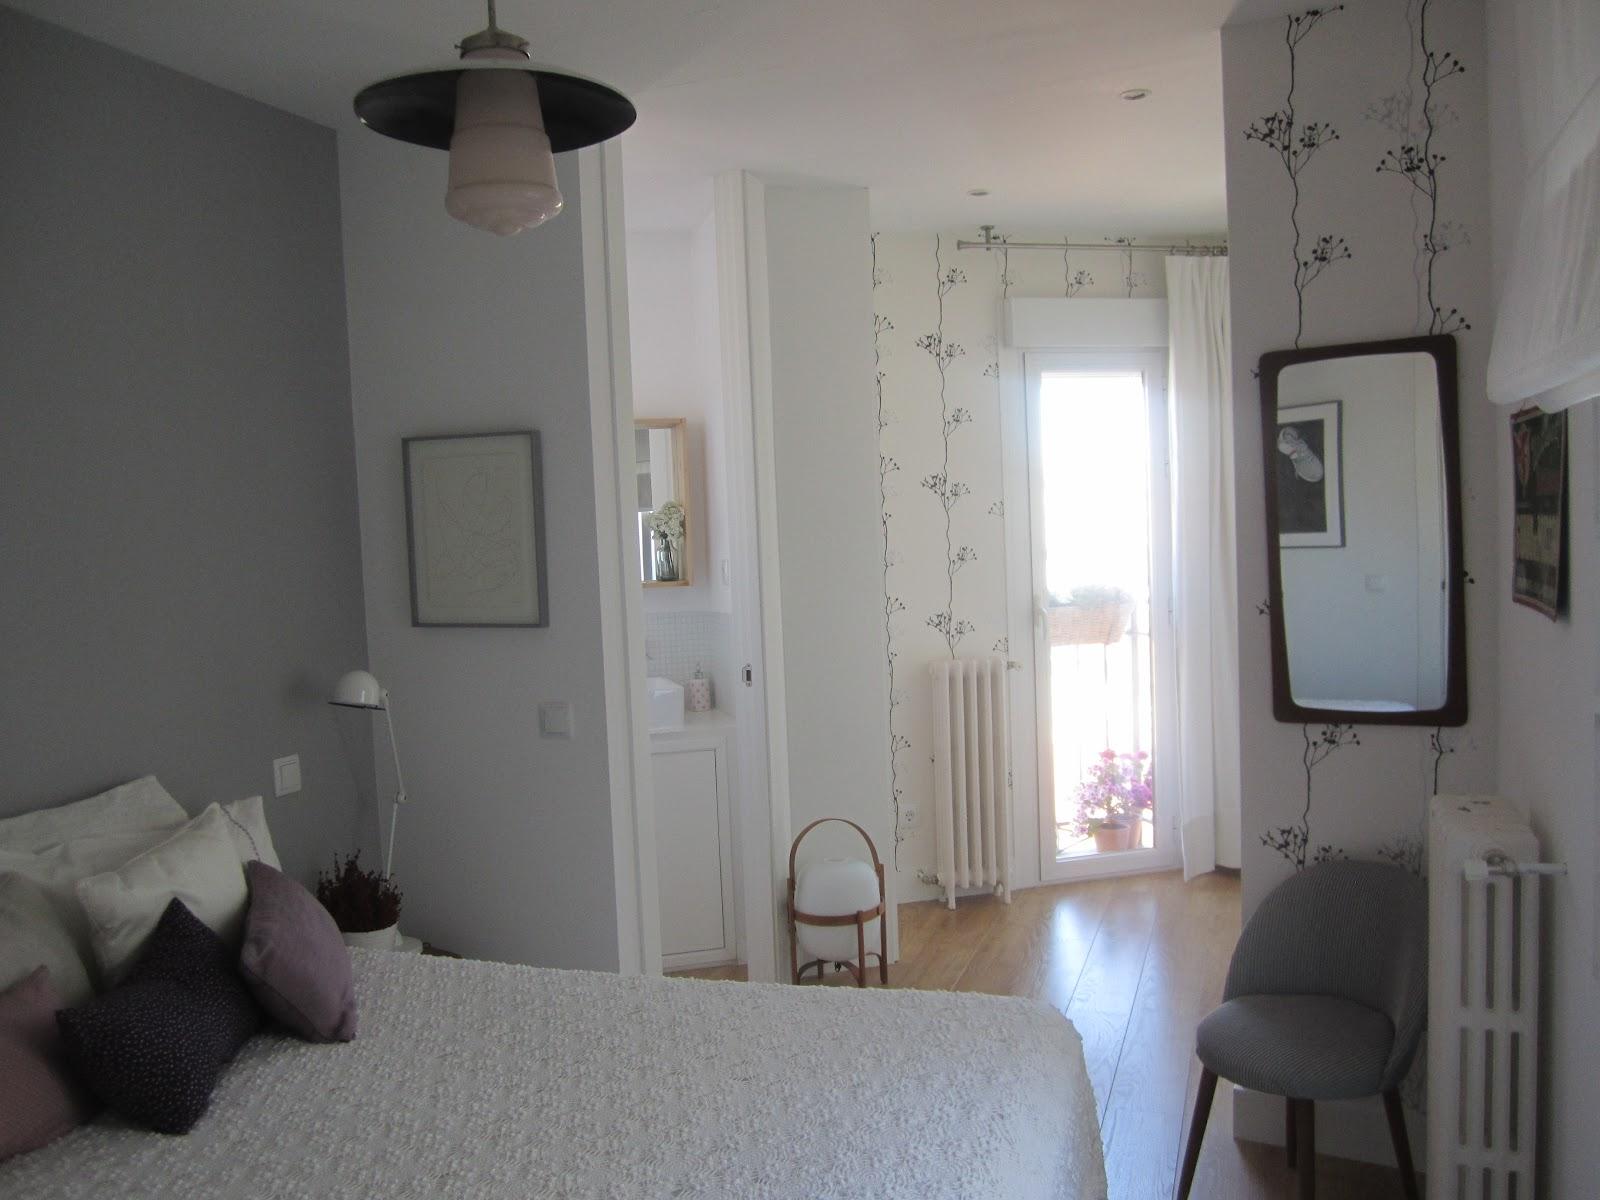 Una habitaci n c lida y moderna con muebles a os 50 deco - Muebles daneses anos 50 ...